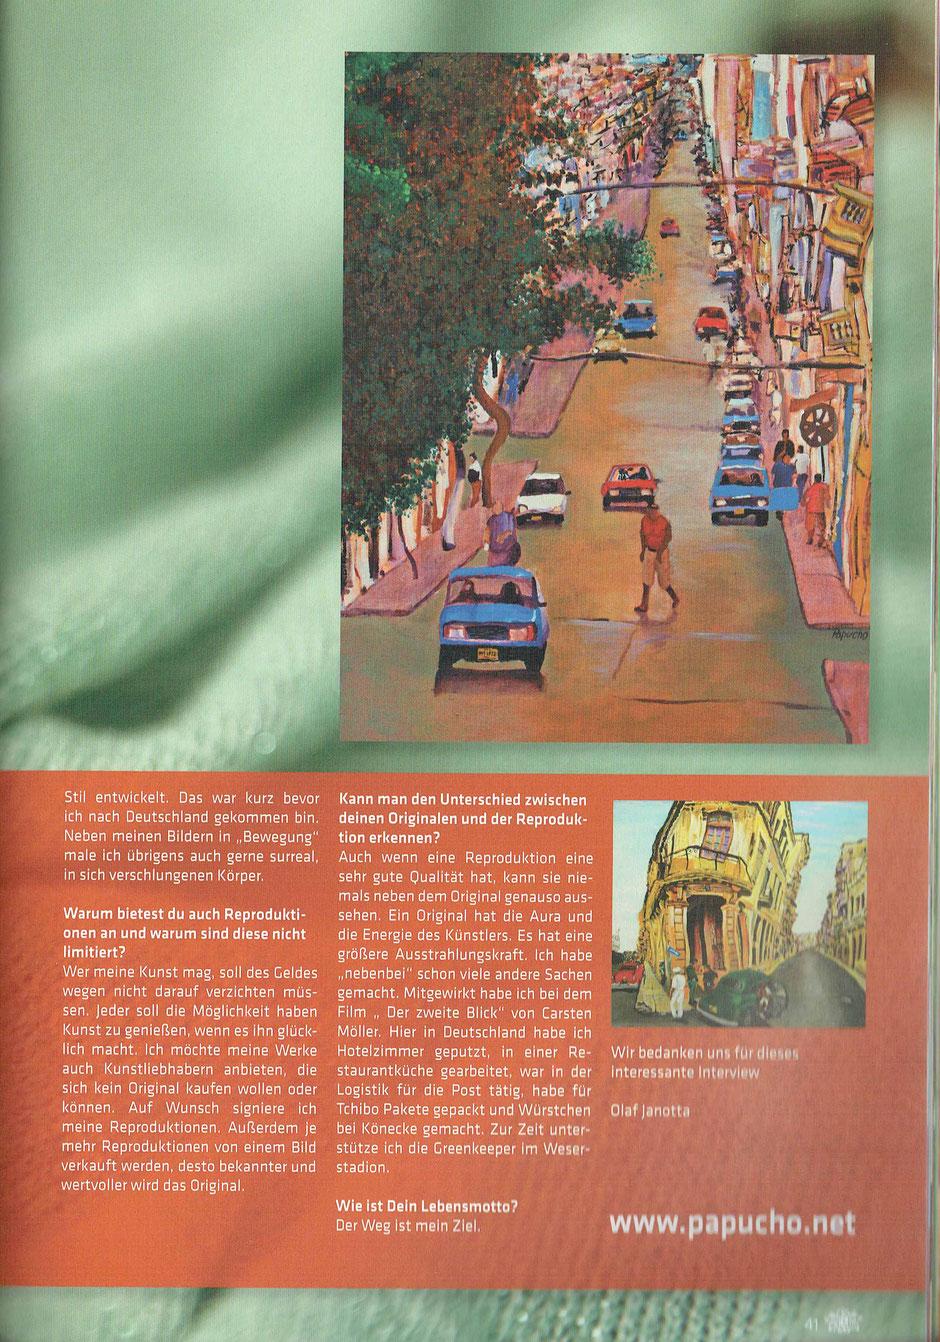 Havanna Lounge Magazin (Erste Ausgabe 2015)